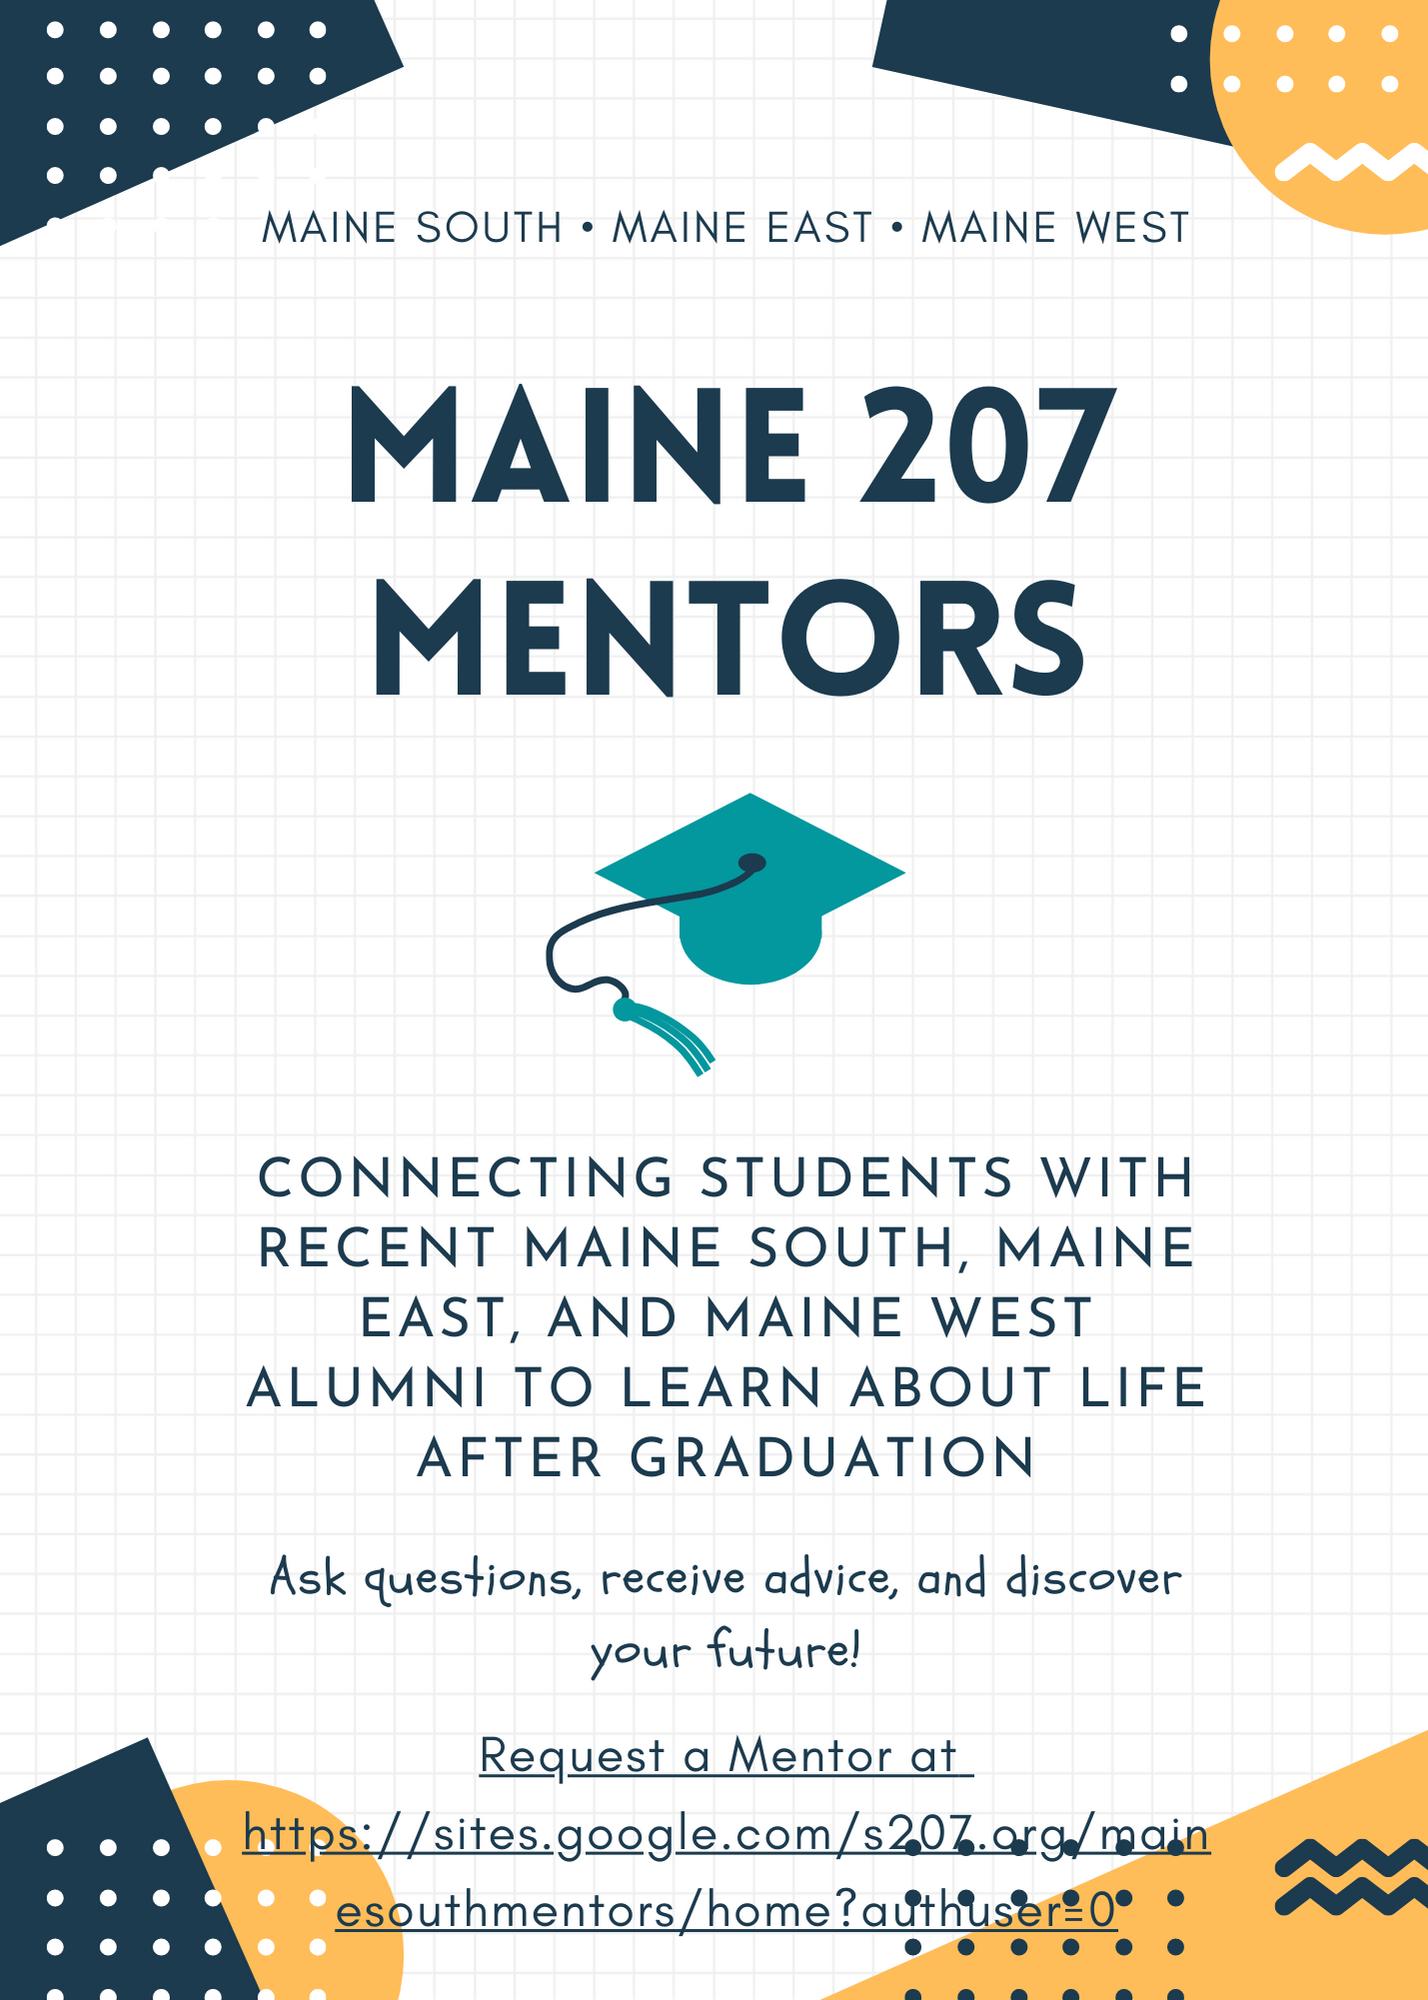 Maine 207 Mentors